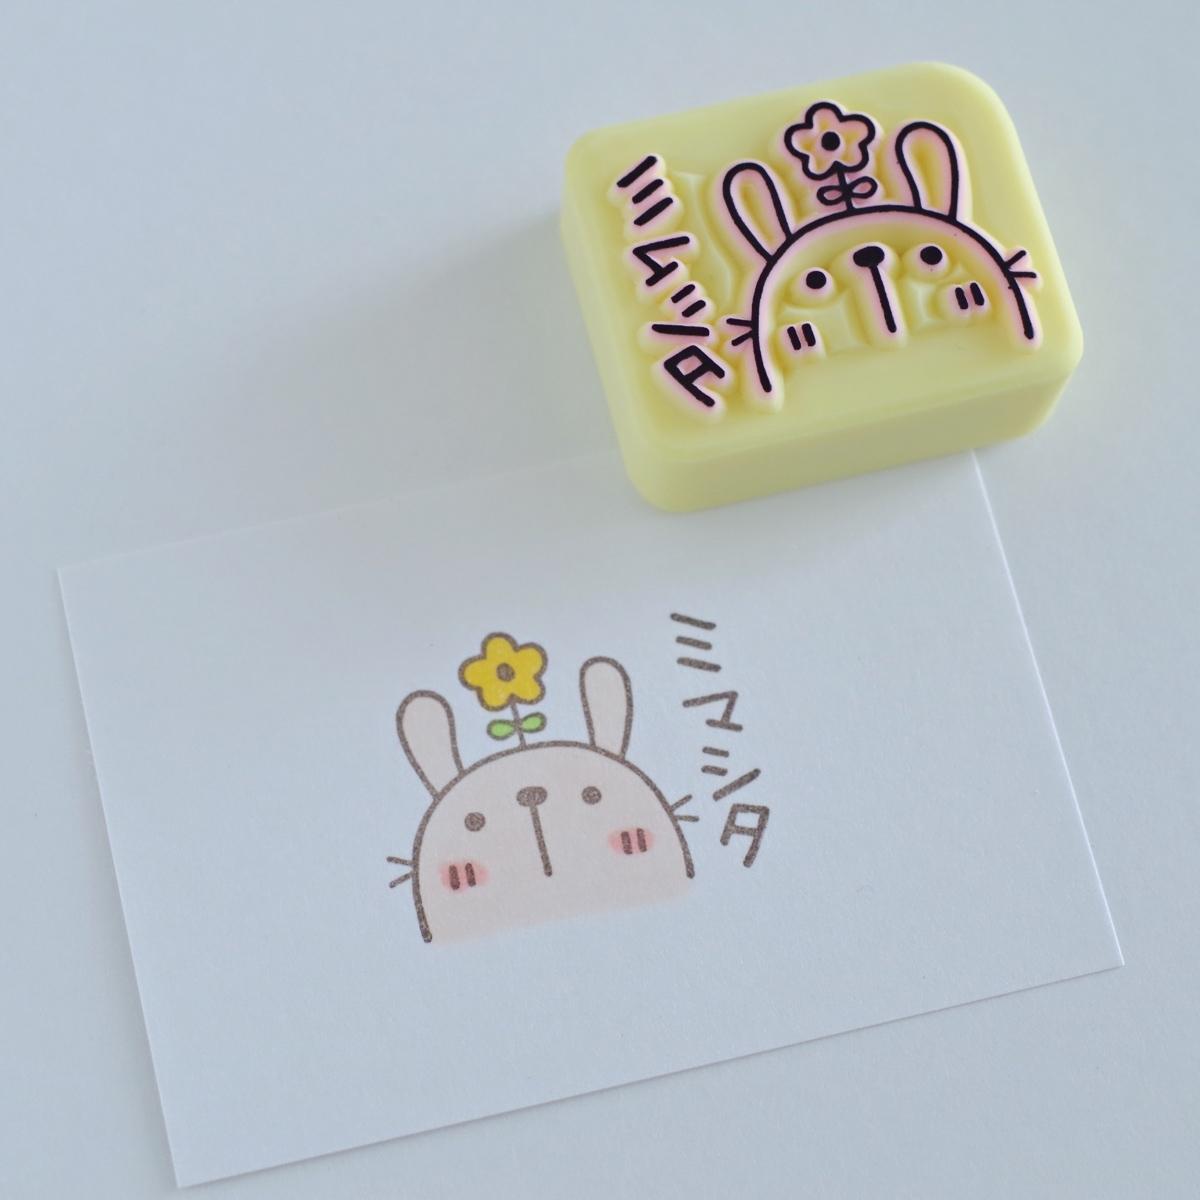 ウサギの「ミマシタ」はんこ